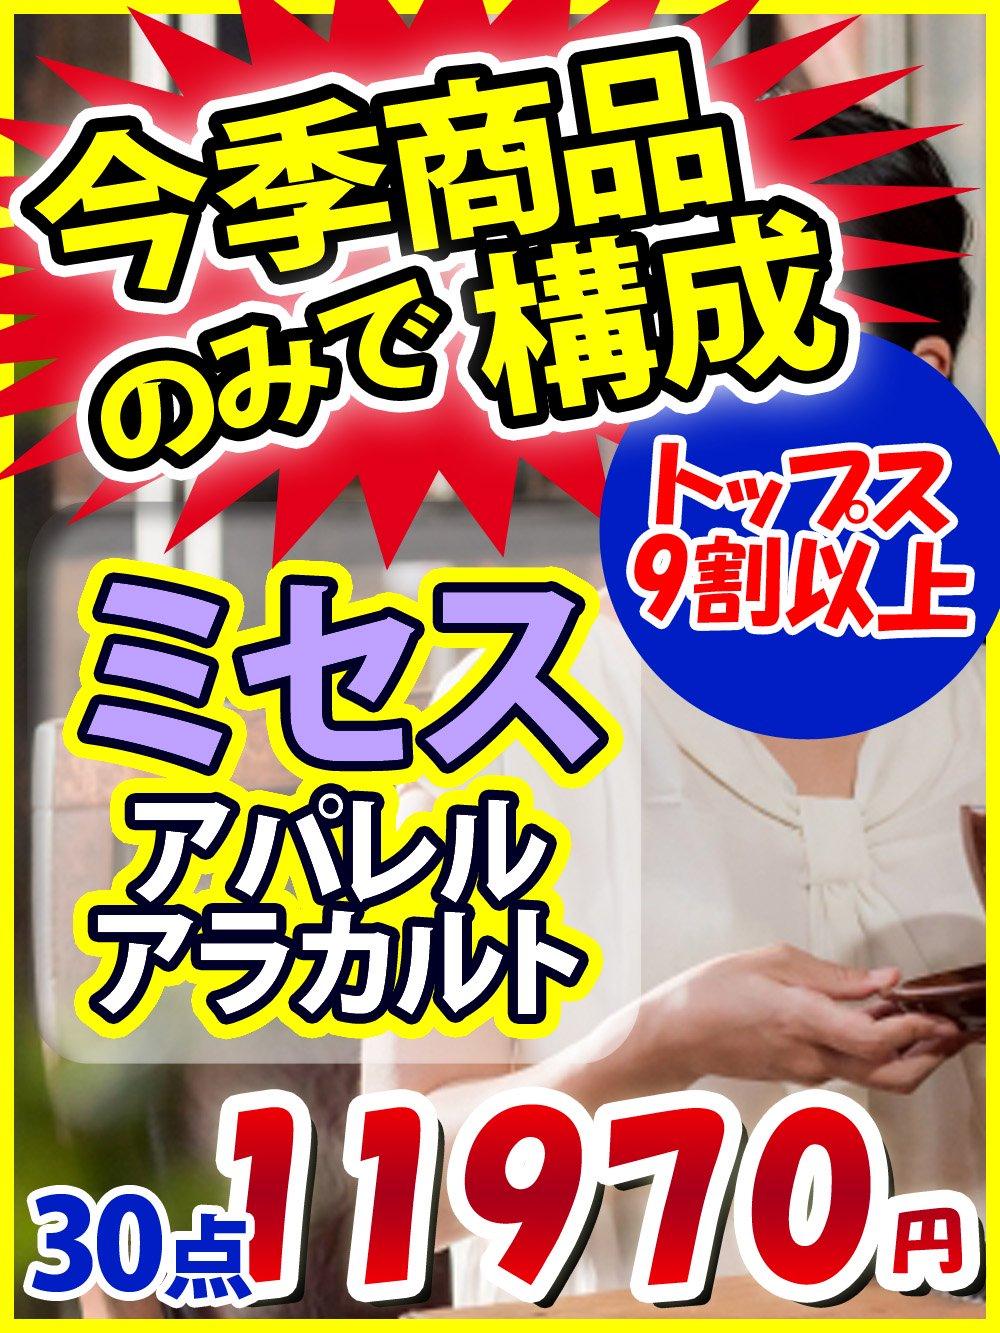 【今季商品のみで構成】ミセスアパレルアラカルト!必ずトップス9割以上@399【30点】